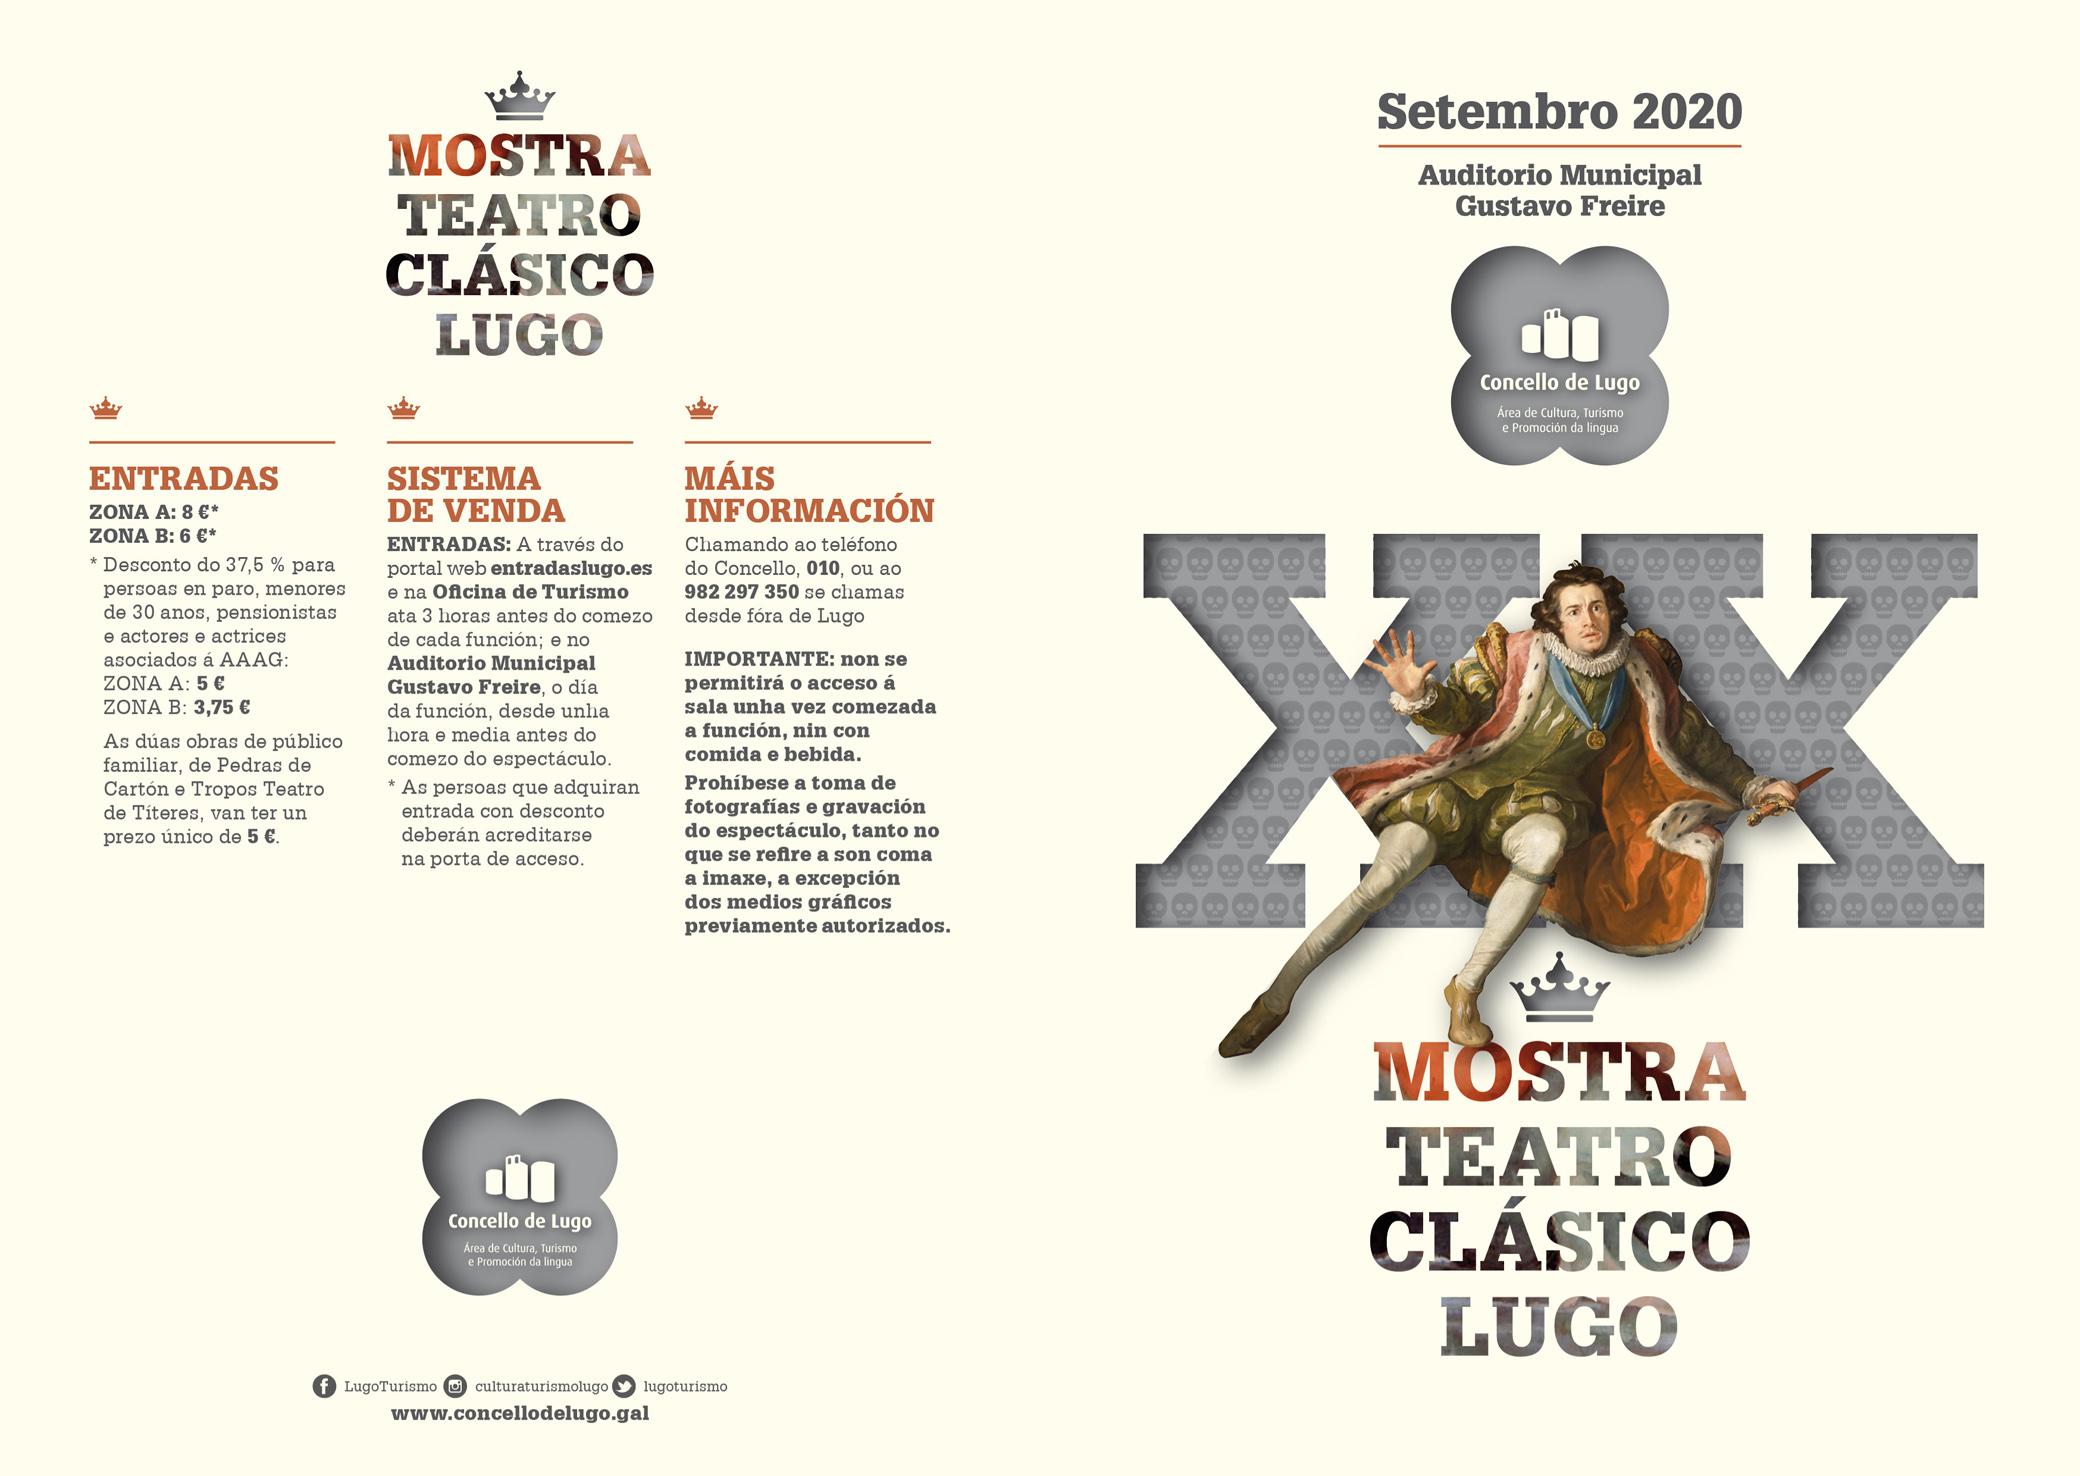 diptico-mostra-teatro-clasico-xx-v1.6-bitmap.indd